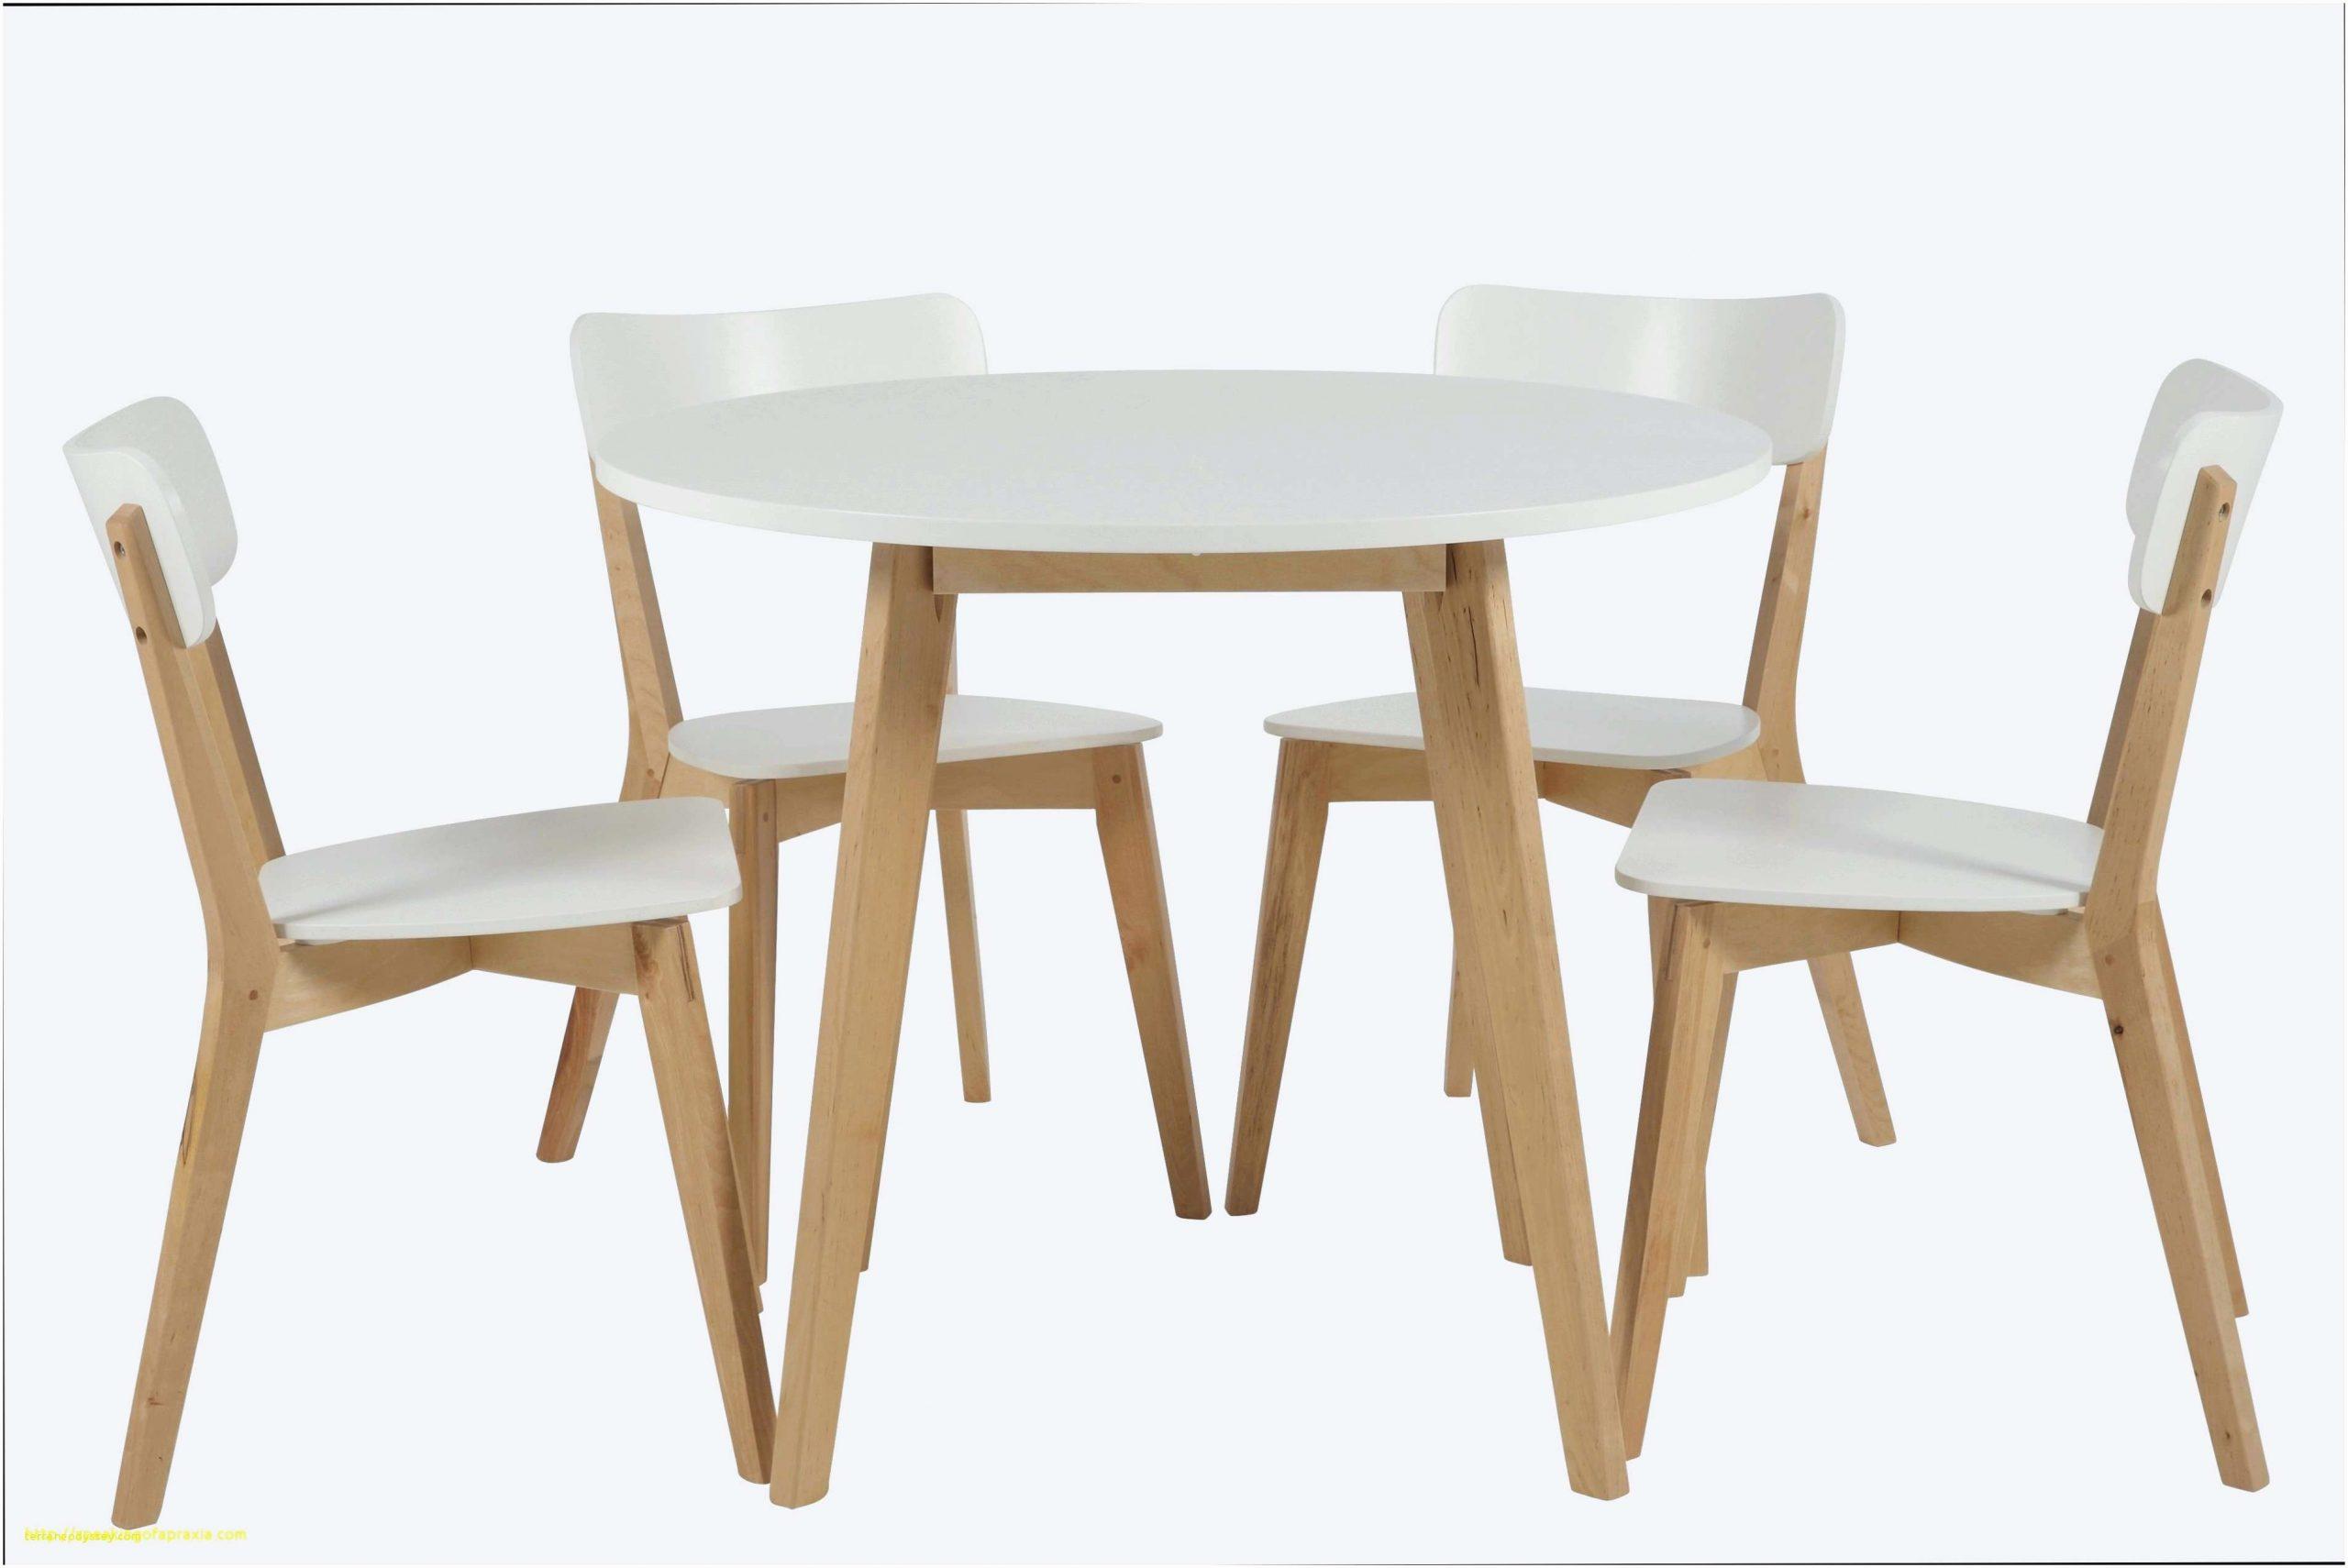 Table Avec Chaise Encastrable Conforama Charmant Elégant ... tout Conforama Table De Jardin